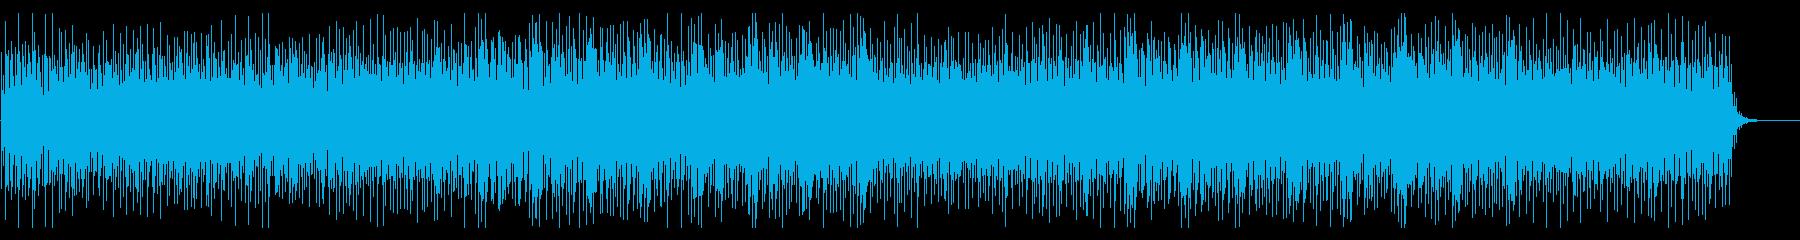 【リズム抜】科学技術/知的、冷静な雰囲気の再生済みの波形